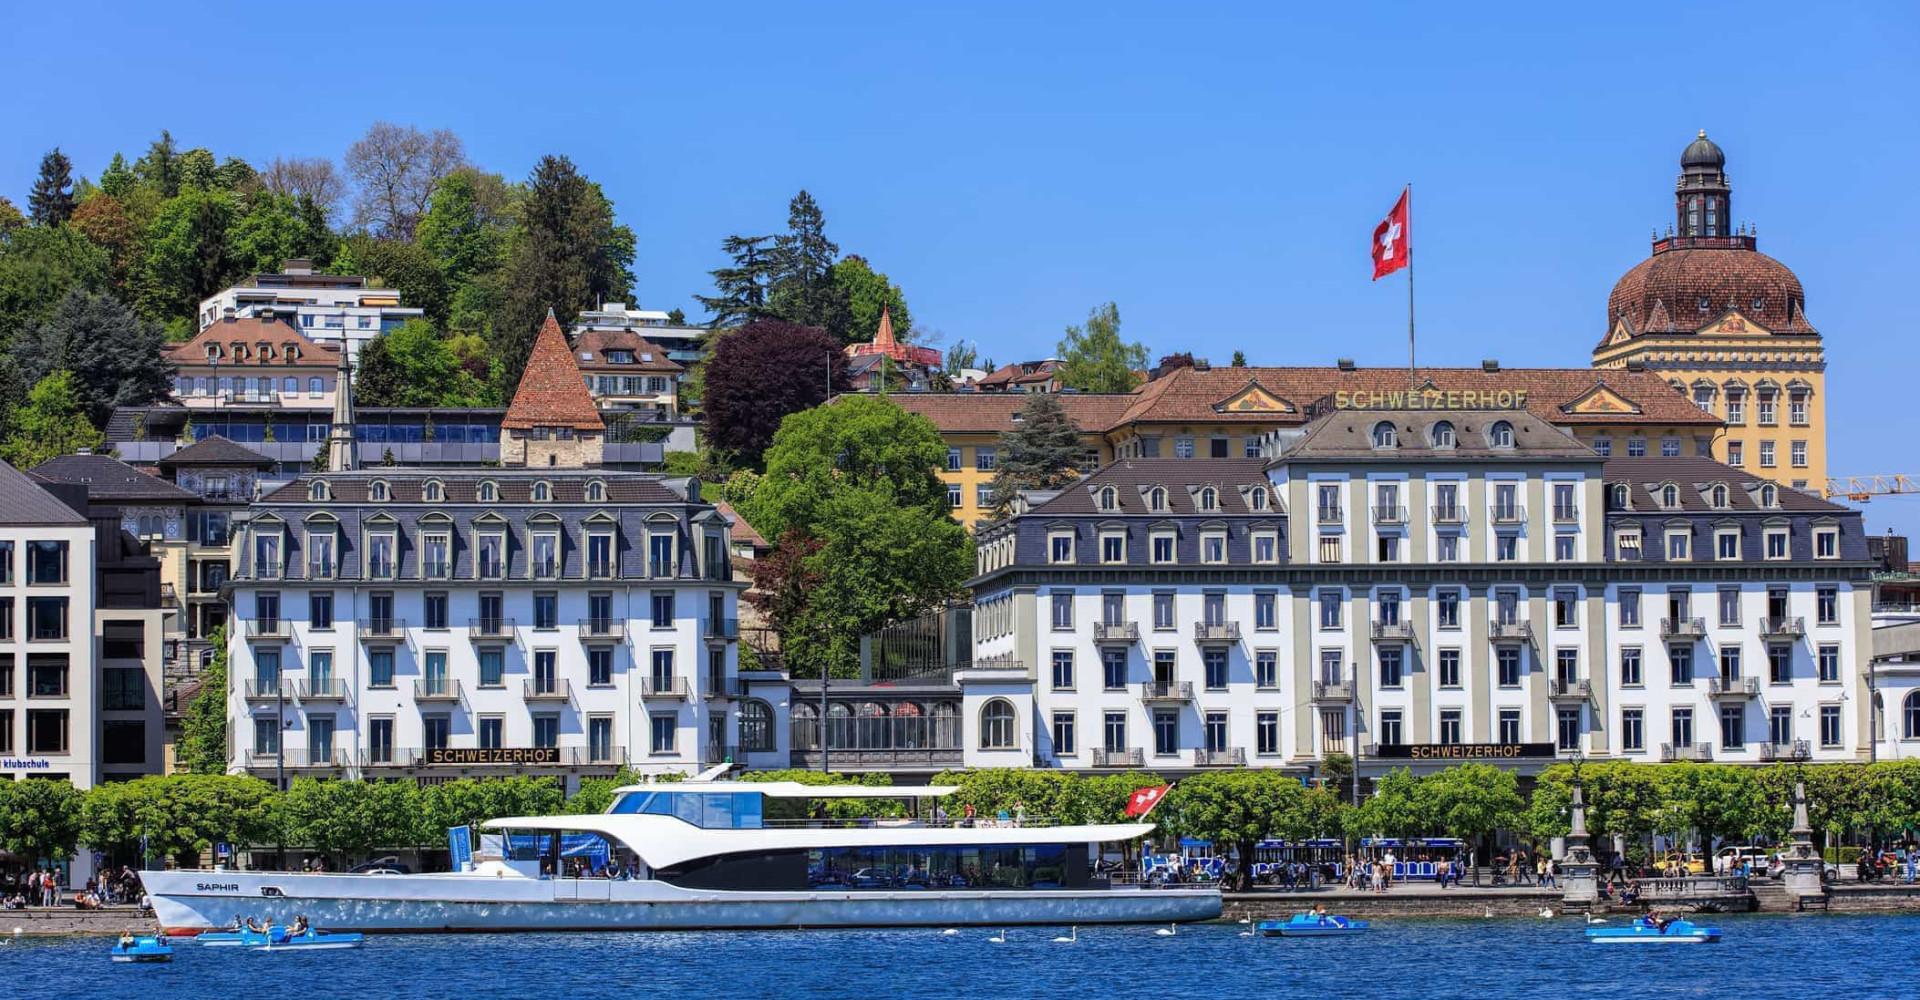 Maailman ihastuttavimmat järvenrantahotellit ja -resortit